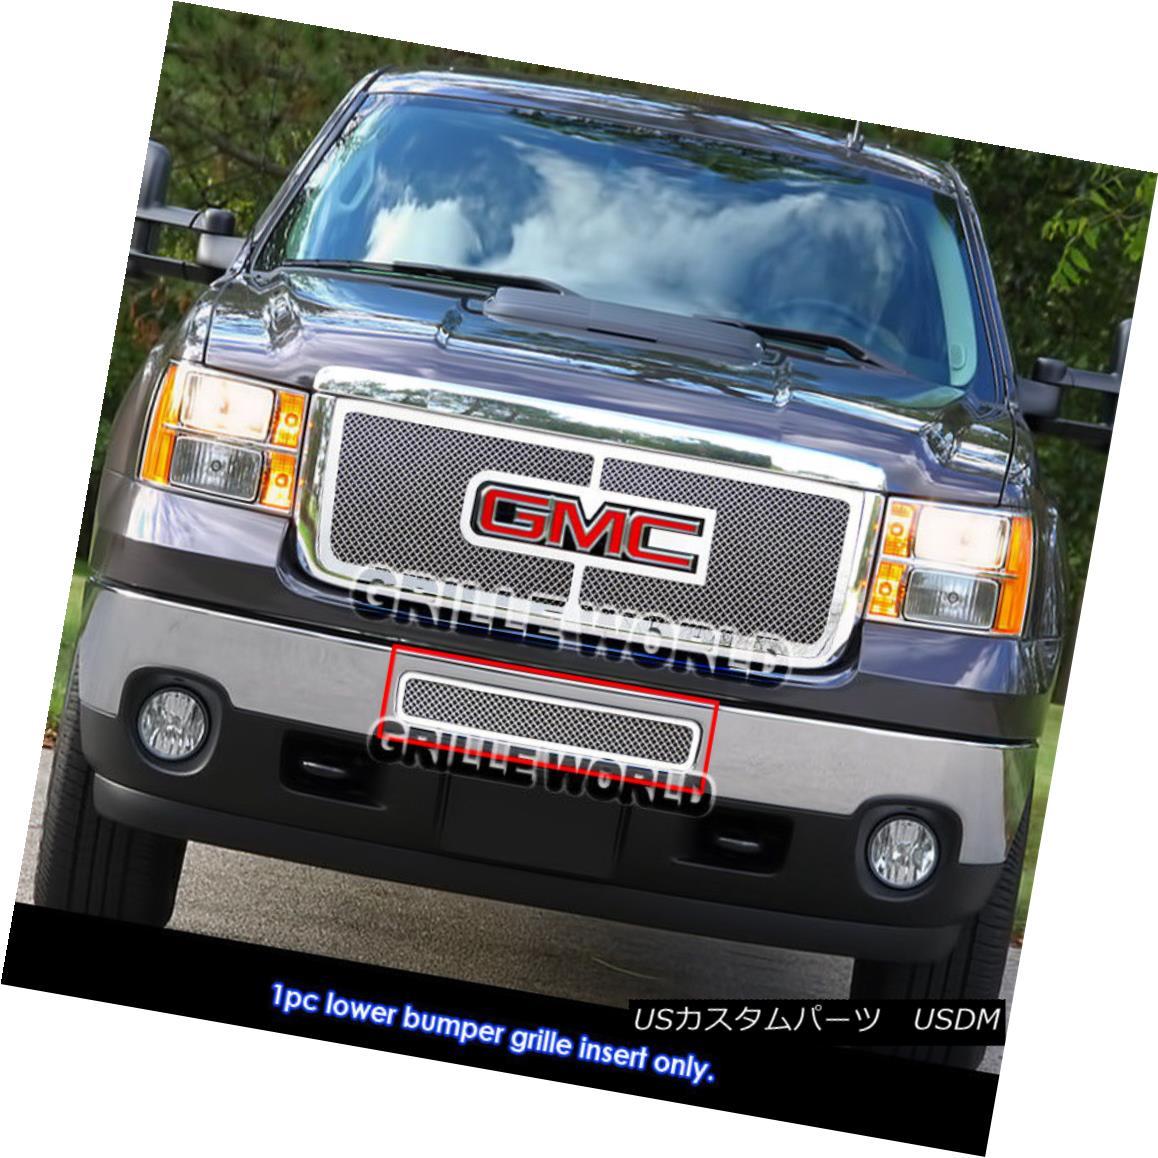 グリル For 2011-2014 GMC Sierra 2500HD/3500HD Bumper Stainless Steel Mesh Grille Grill 2011-2014 GMC Sierra 2500HD / 3500HDバンパーステンレスメッシュグリルグリル